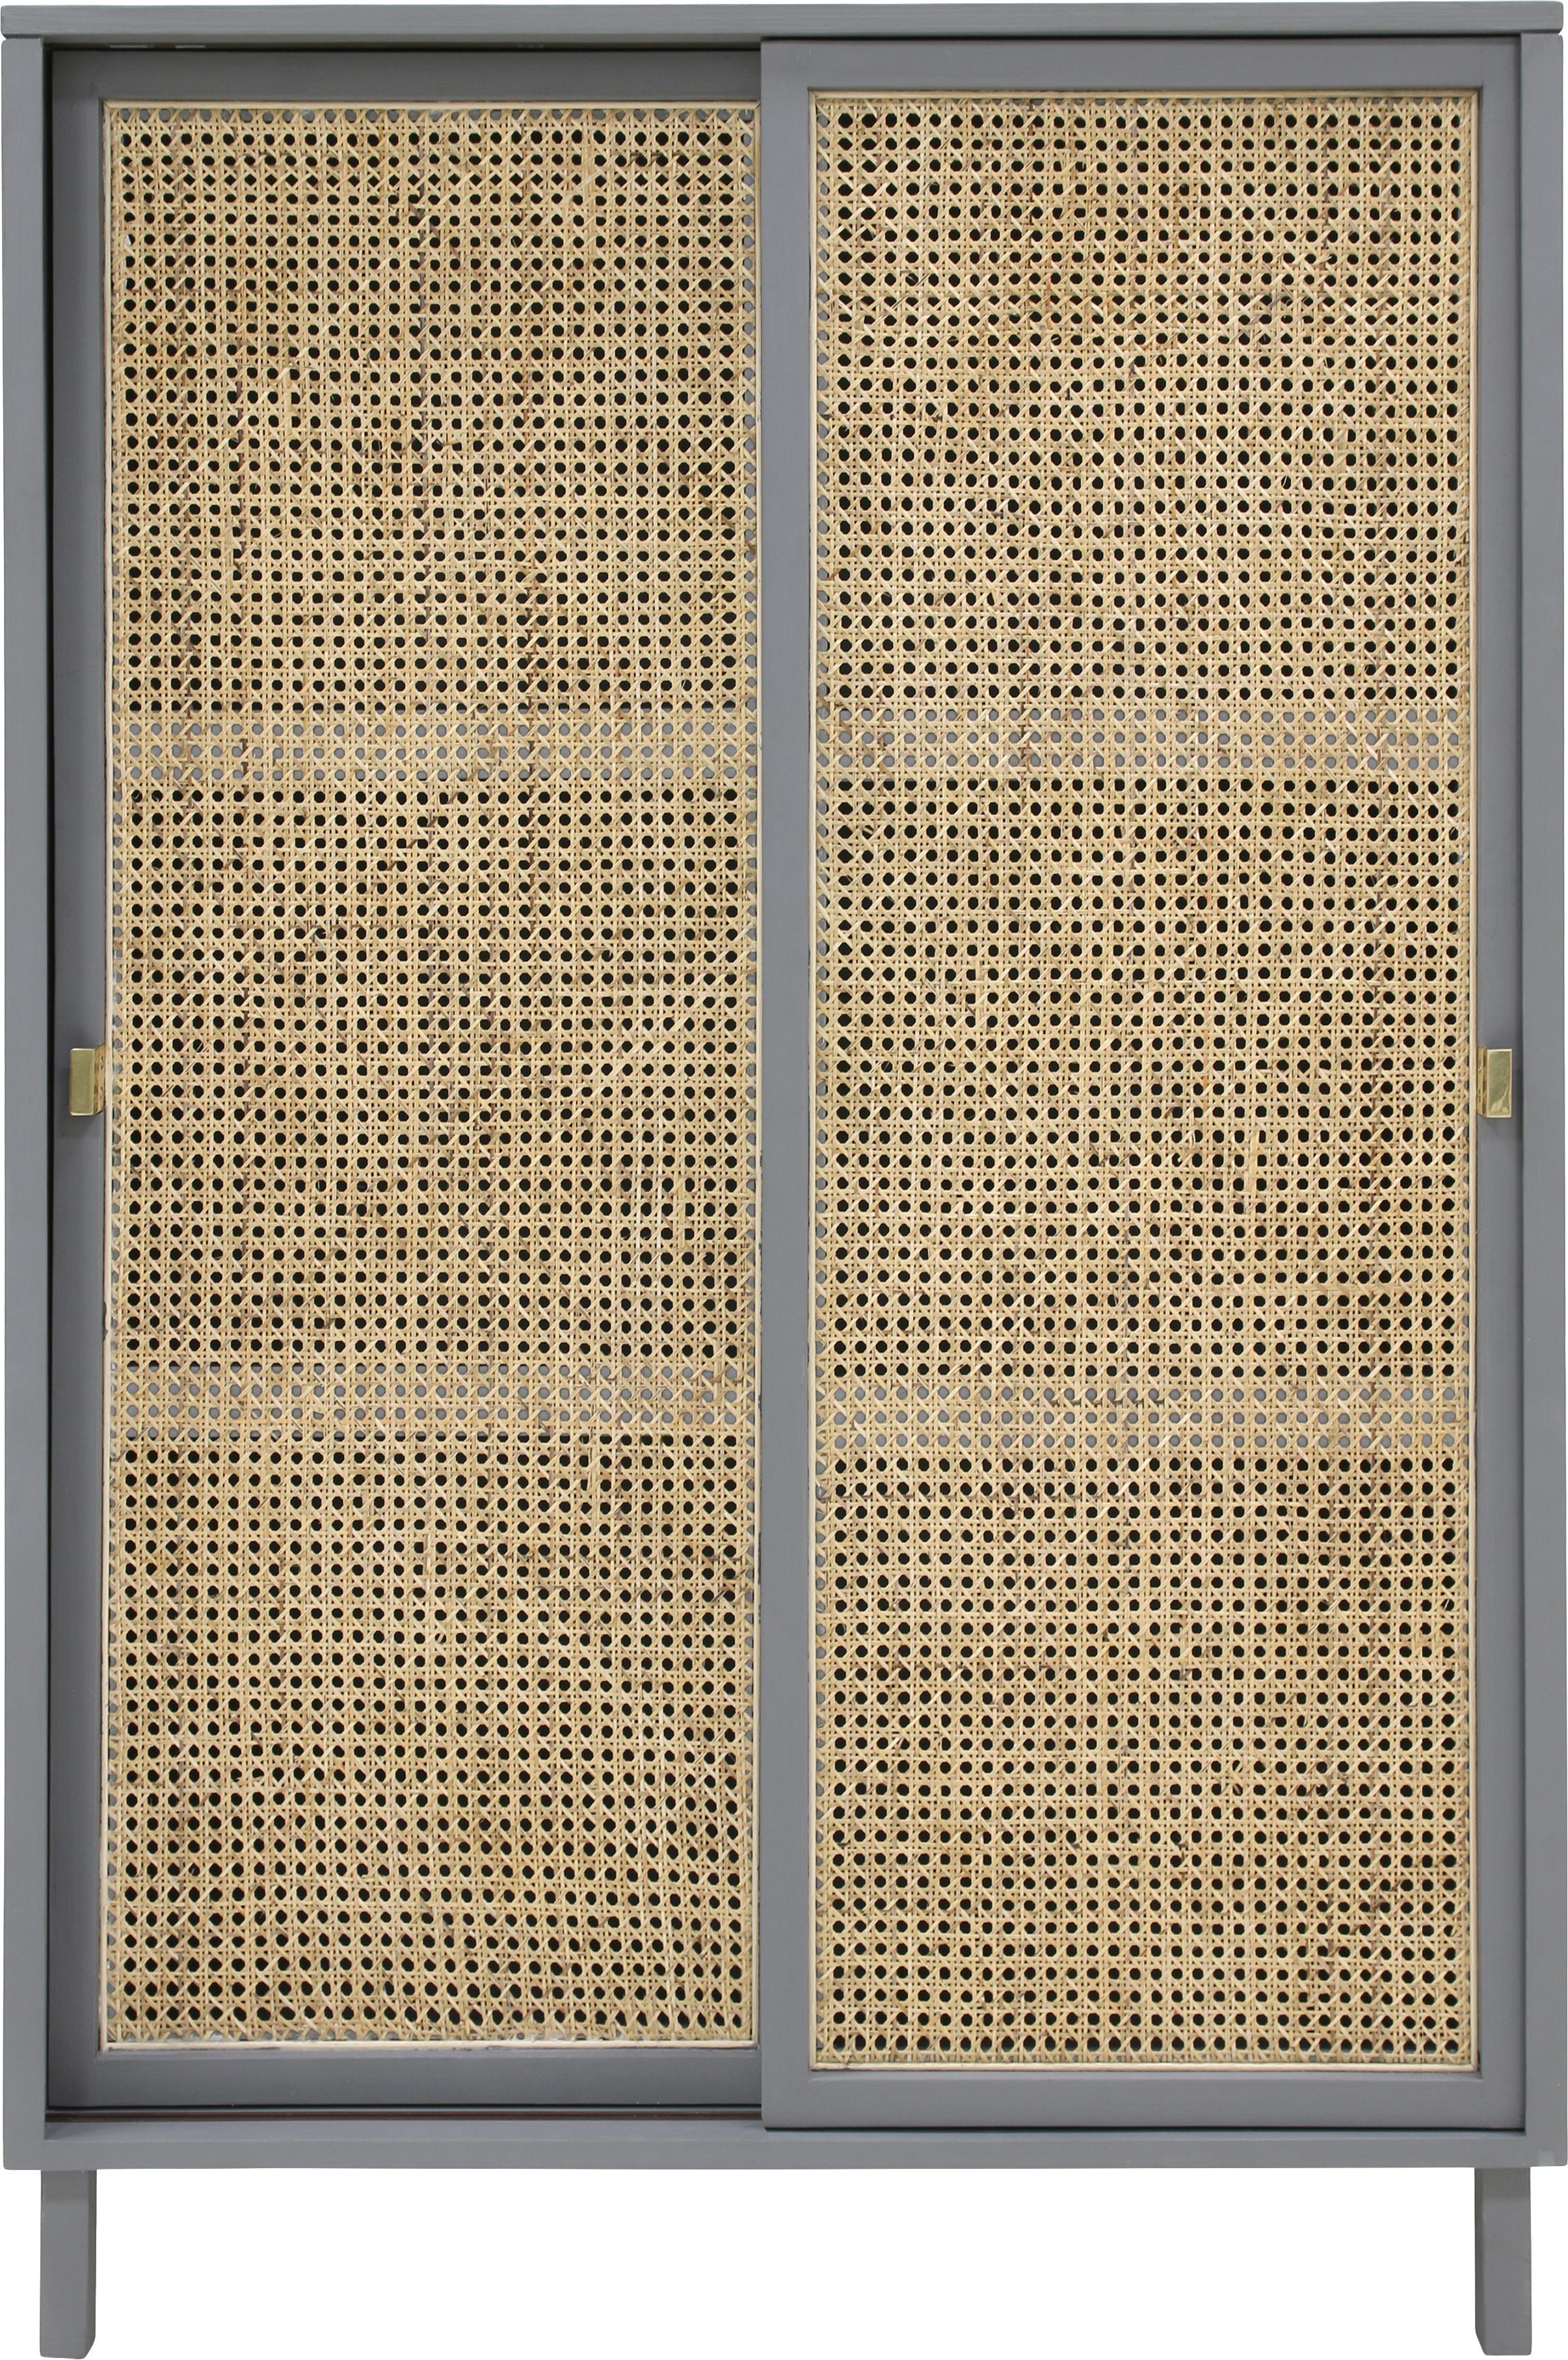 Kast Retro met Weens vlechtwerk, Handvatten: gecoat metaal, Grijs, beige, 95 x 140 cm